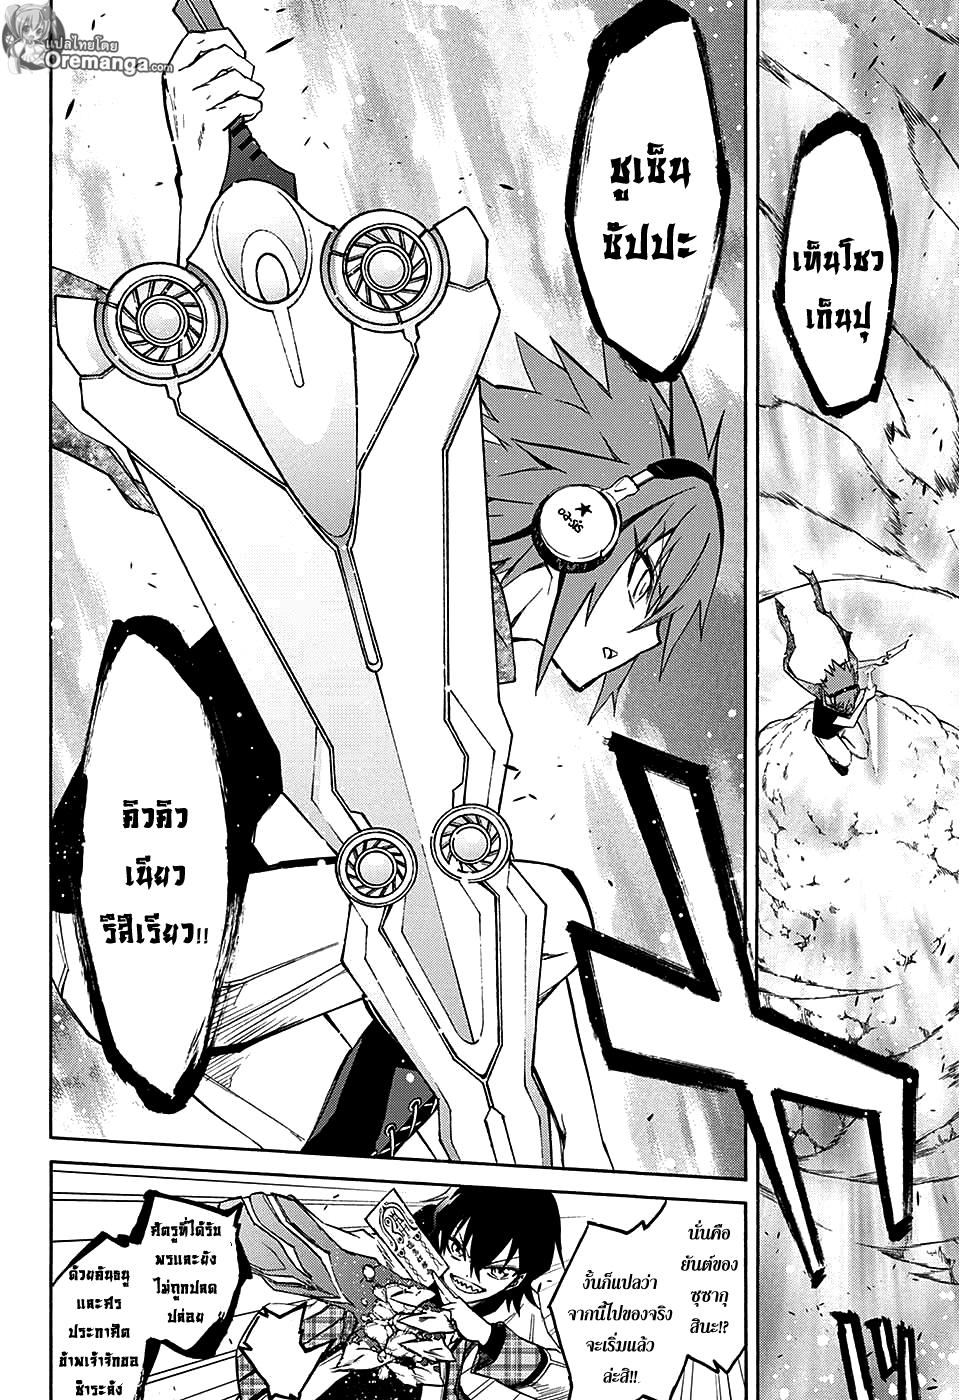 อ่านการ์ตูน Sousei no Onmyouji ตอนที่ 20 หน้าที่ 12